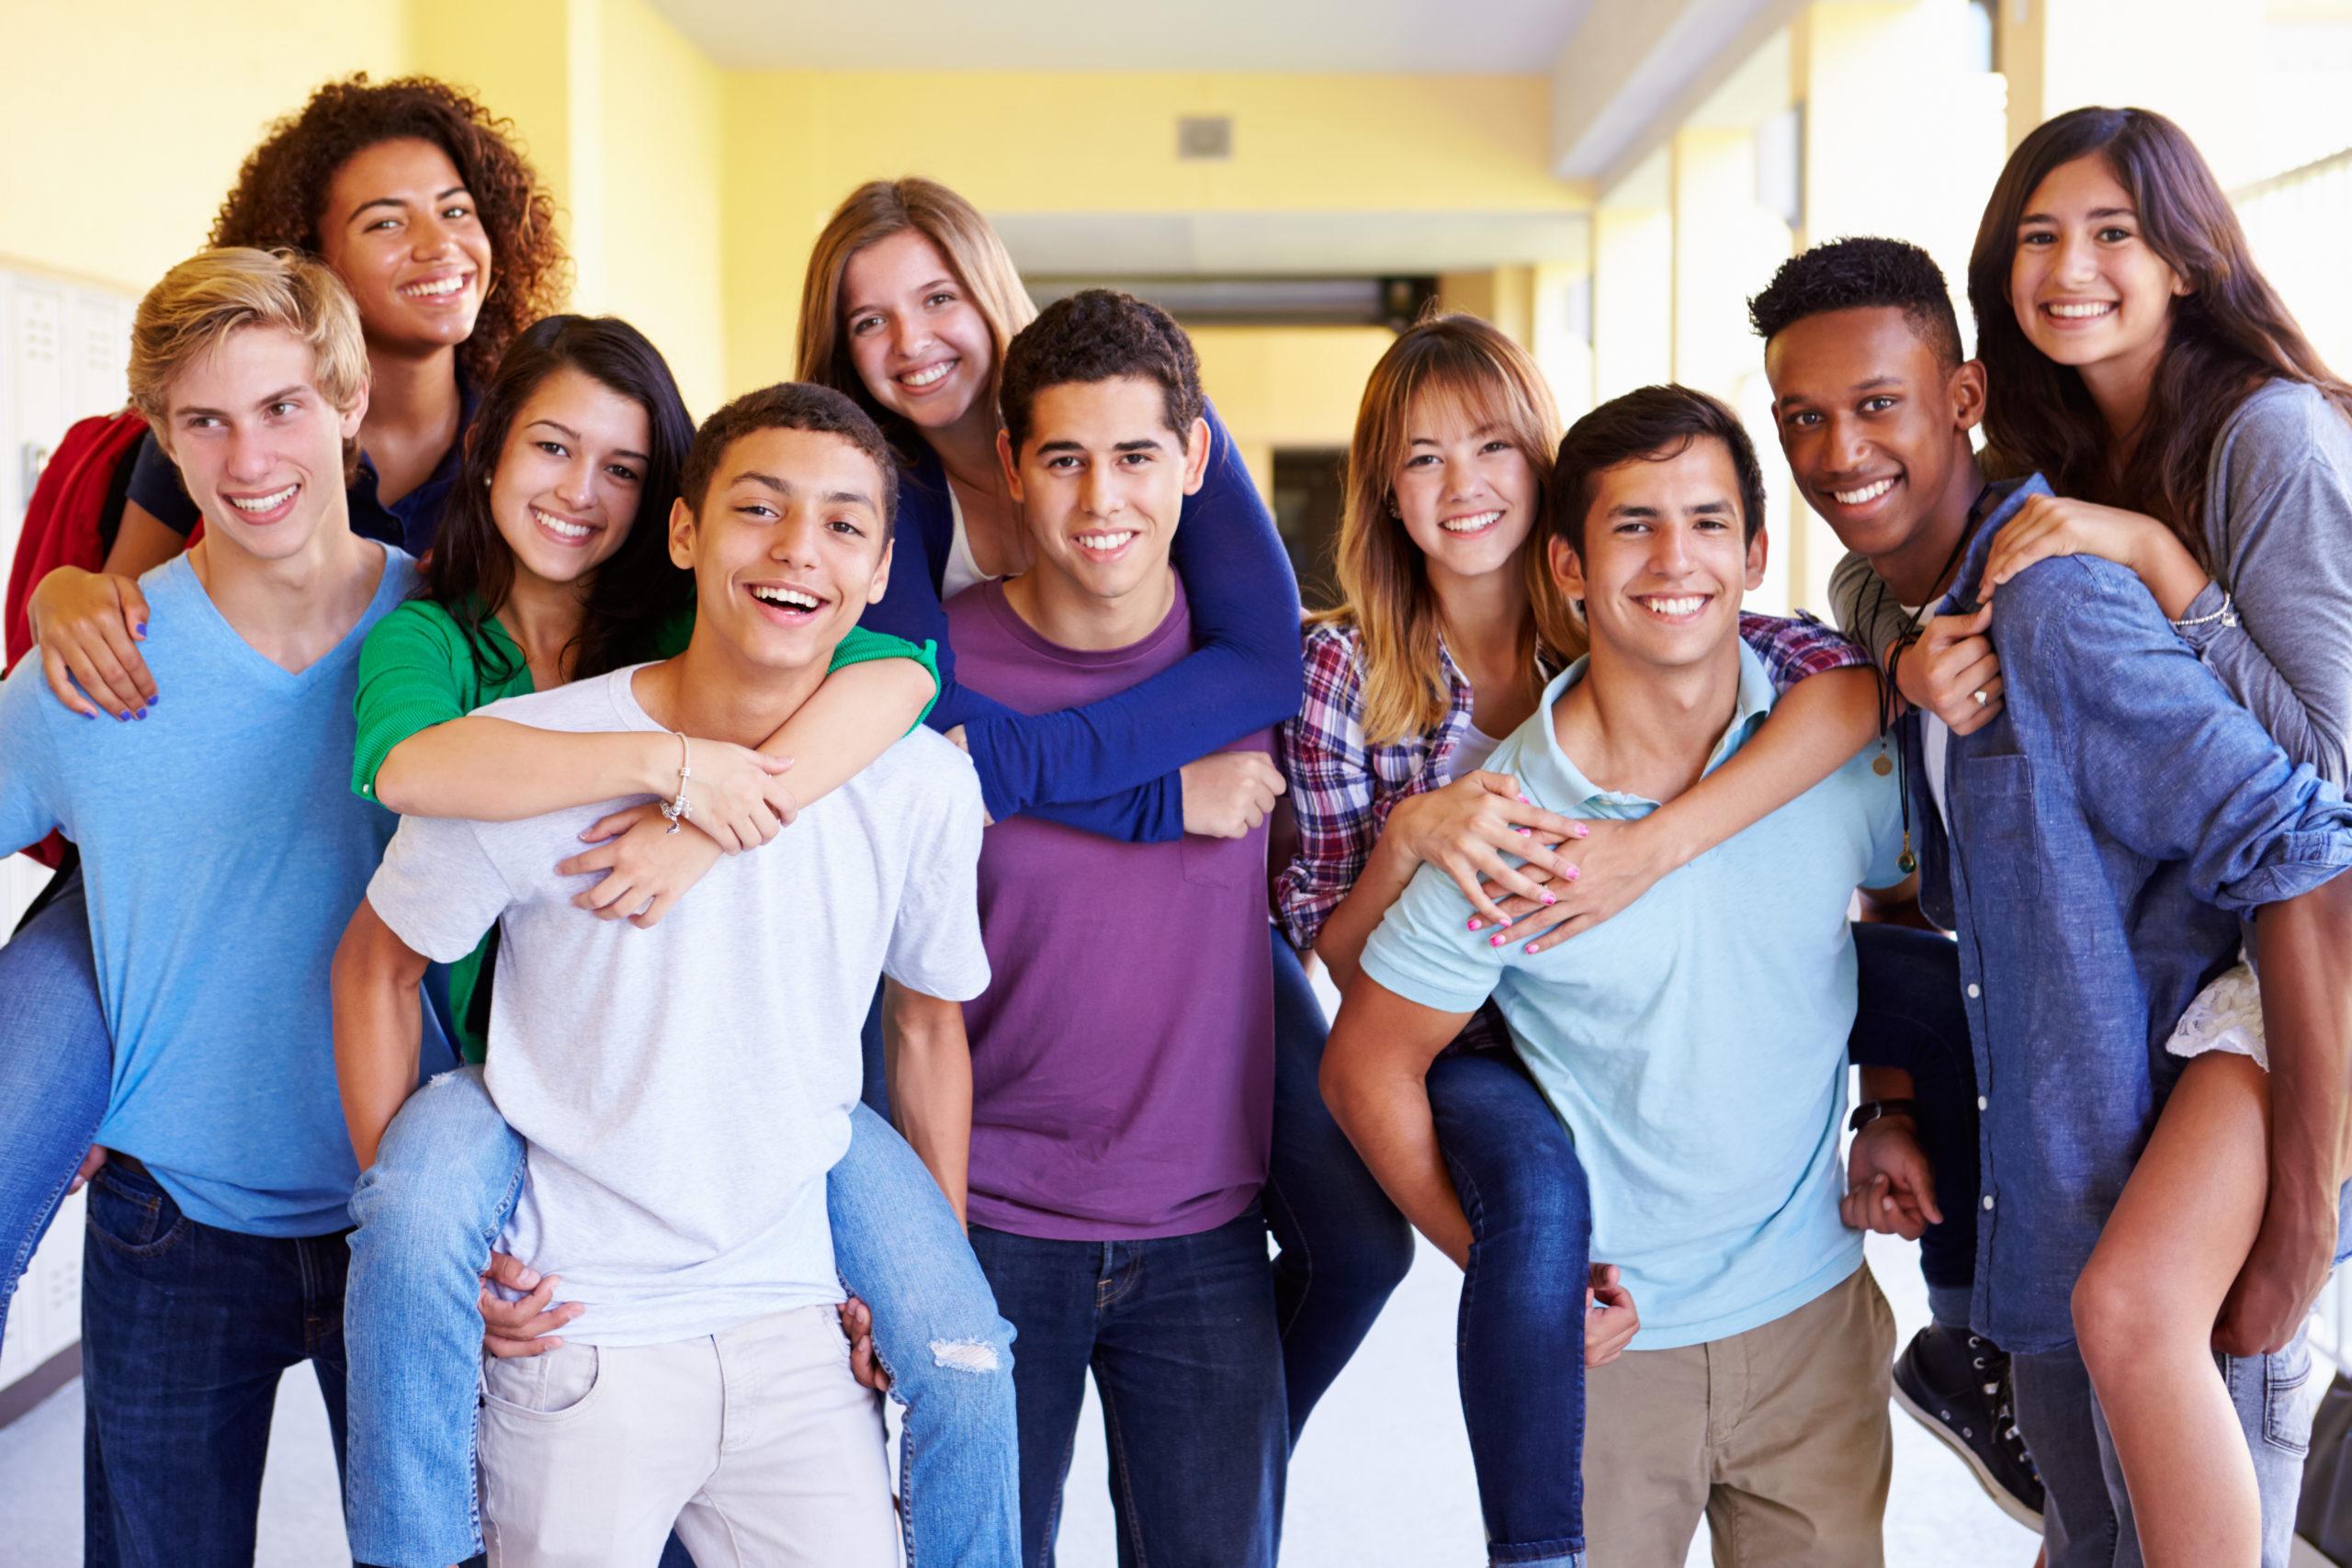 groupe de jeunes